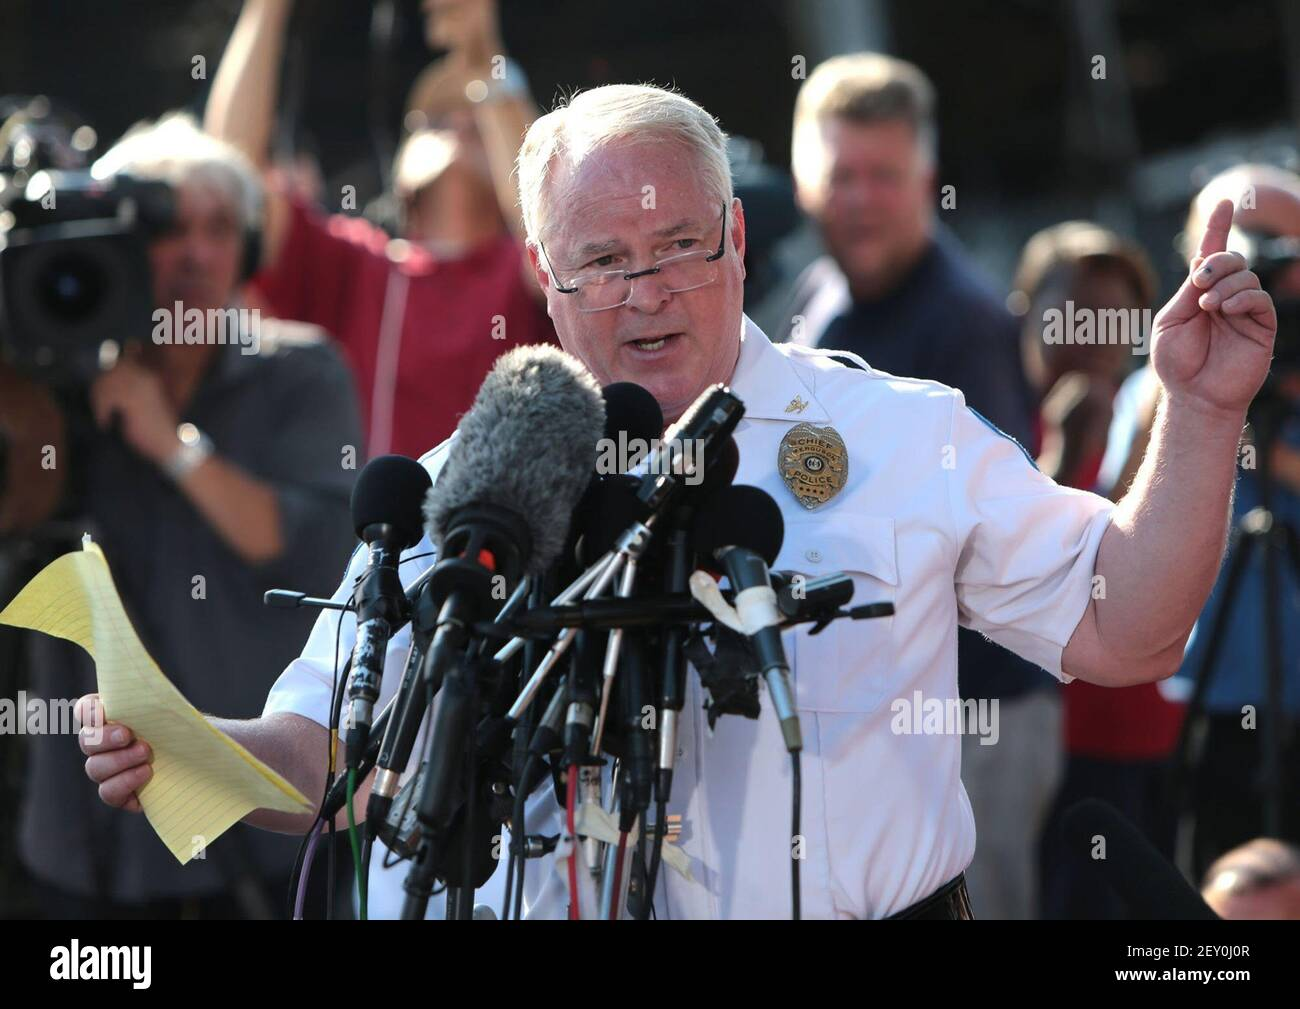 El Jefe de Policía de Ferguson, Thomas Jackson el oficial de identificación de la policía de Ferguson, Darren Wilson, como tirador de Michael Brown ante una multitud de reporteros y ciudadanos el viernes, 15 de agosto de 2014, en el Burnt QuickTrip ubicado en W. Florissant en Ferguson, Missouri (Laurie Skrivan/St Louis Post-Dispatch/MCT/Sipa USA) Foto de stock